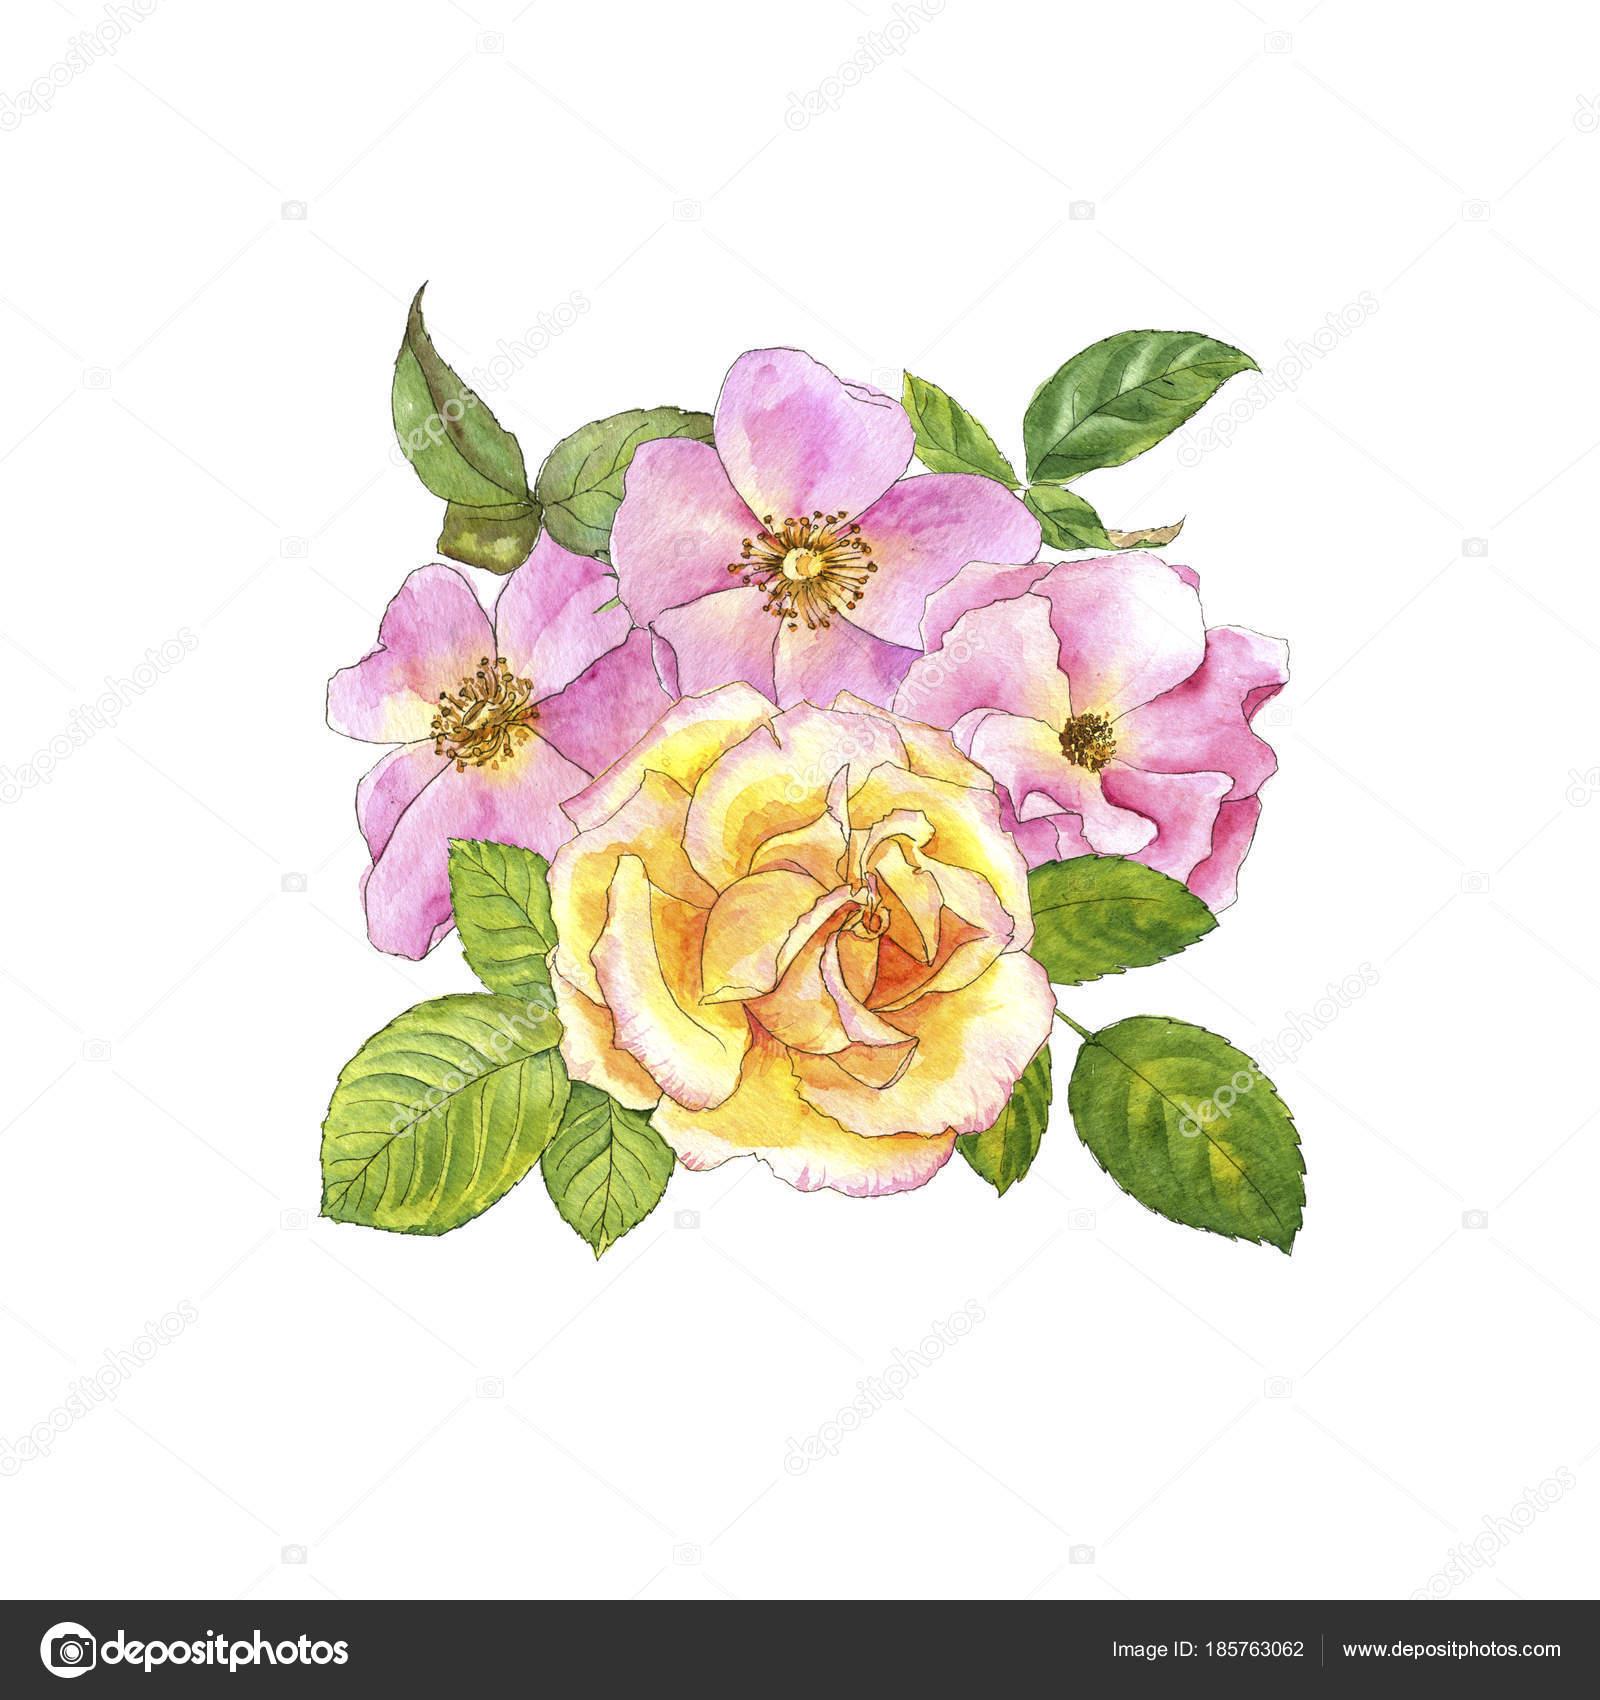 Aquarelles Dessin Roses Photographie Cat Arch Angel C 185763062